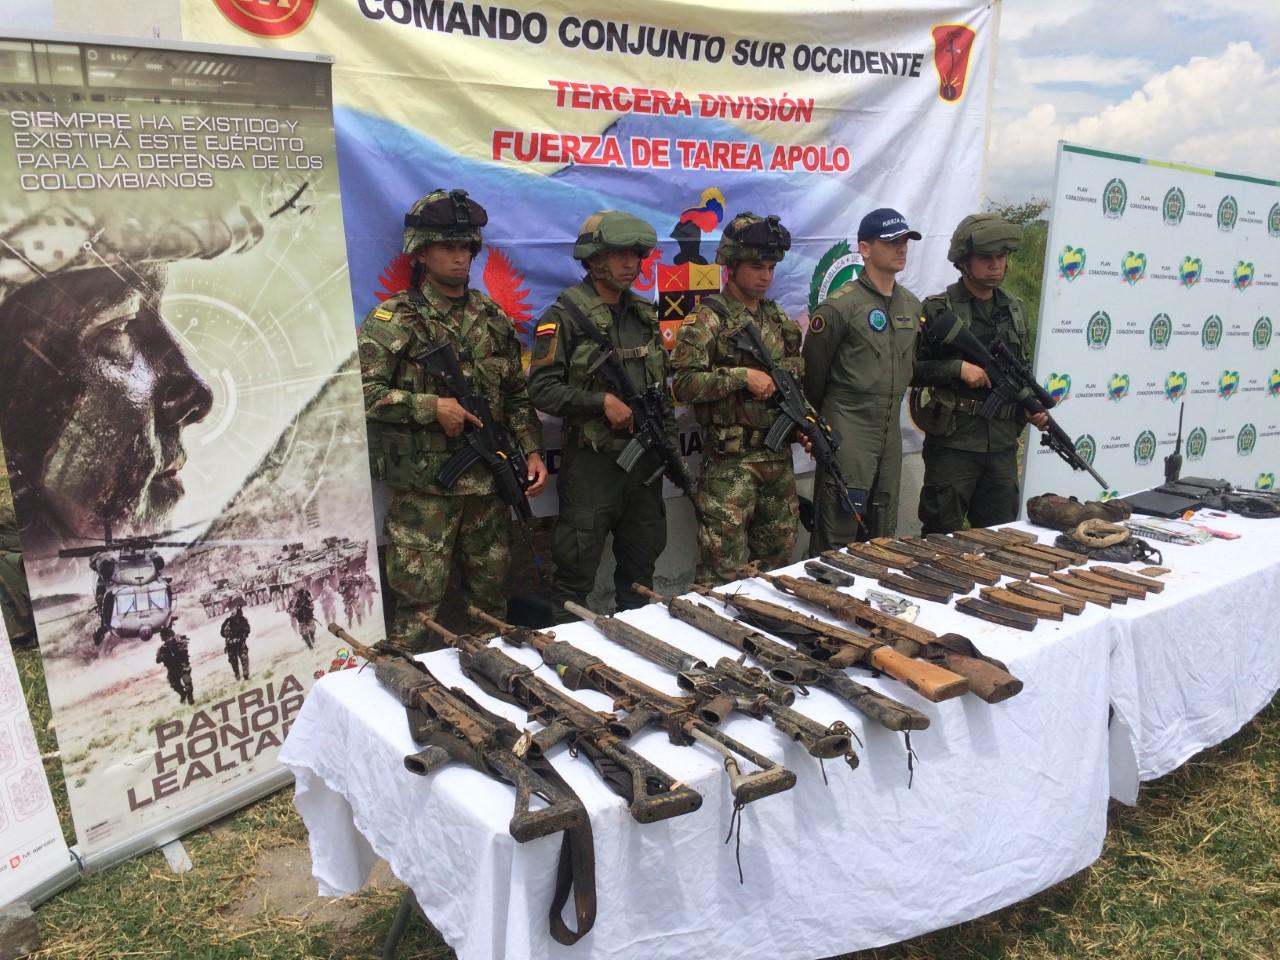 Ejército Nacional neutralizó a cuatro guerrilleros en el municipio Timbiquí, Cauca